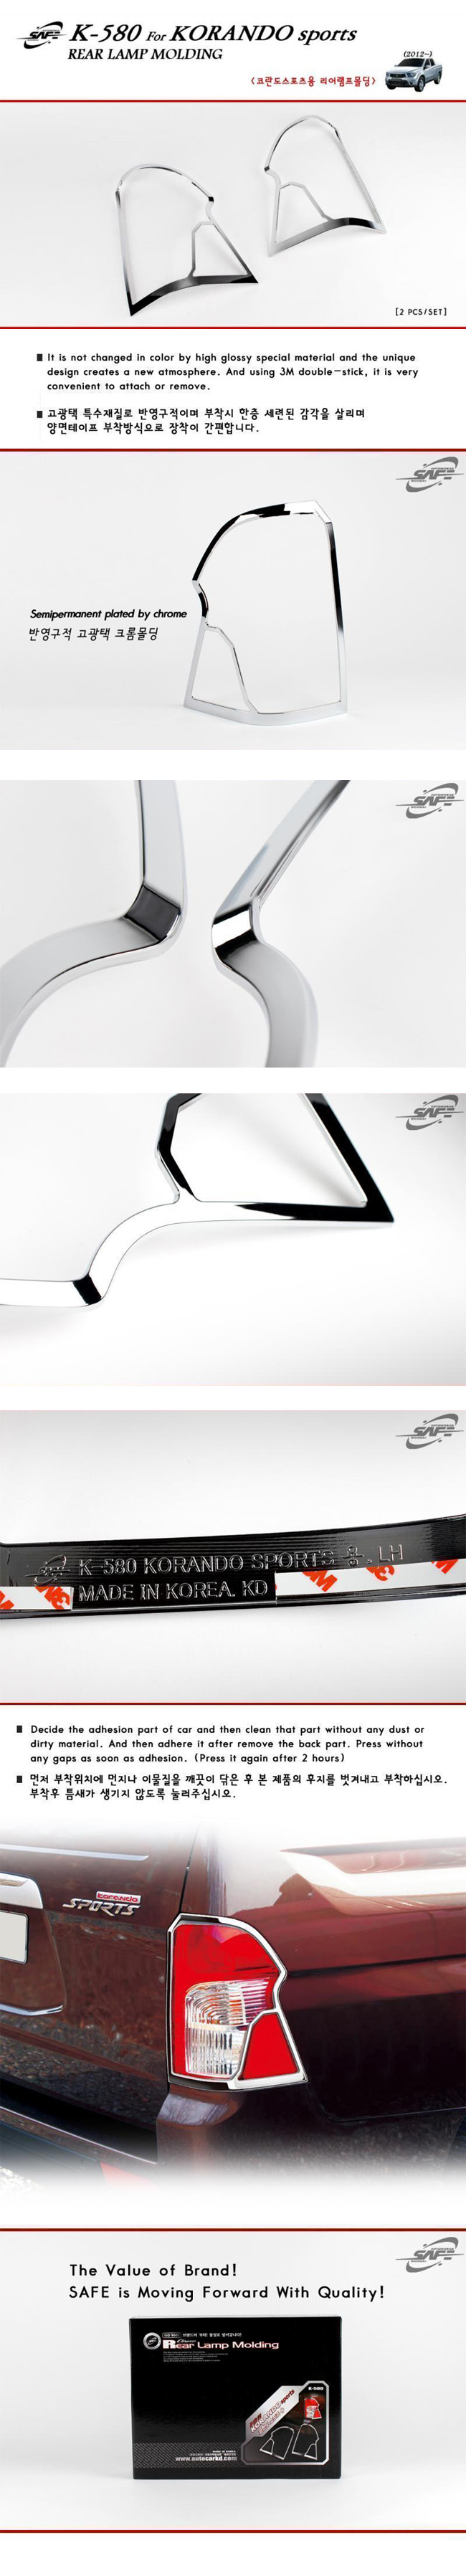 경동세이프 크롬 리어램프 / 테일램프 몰딩 - 코란도스포츠 (K580)